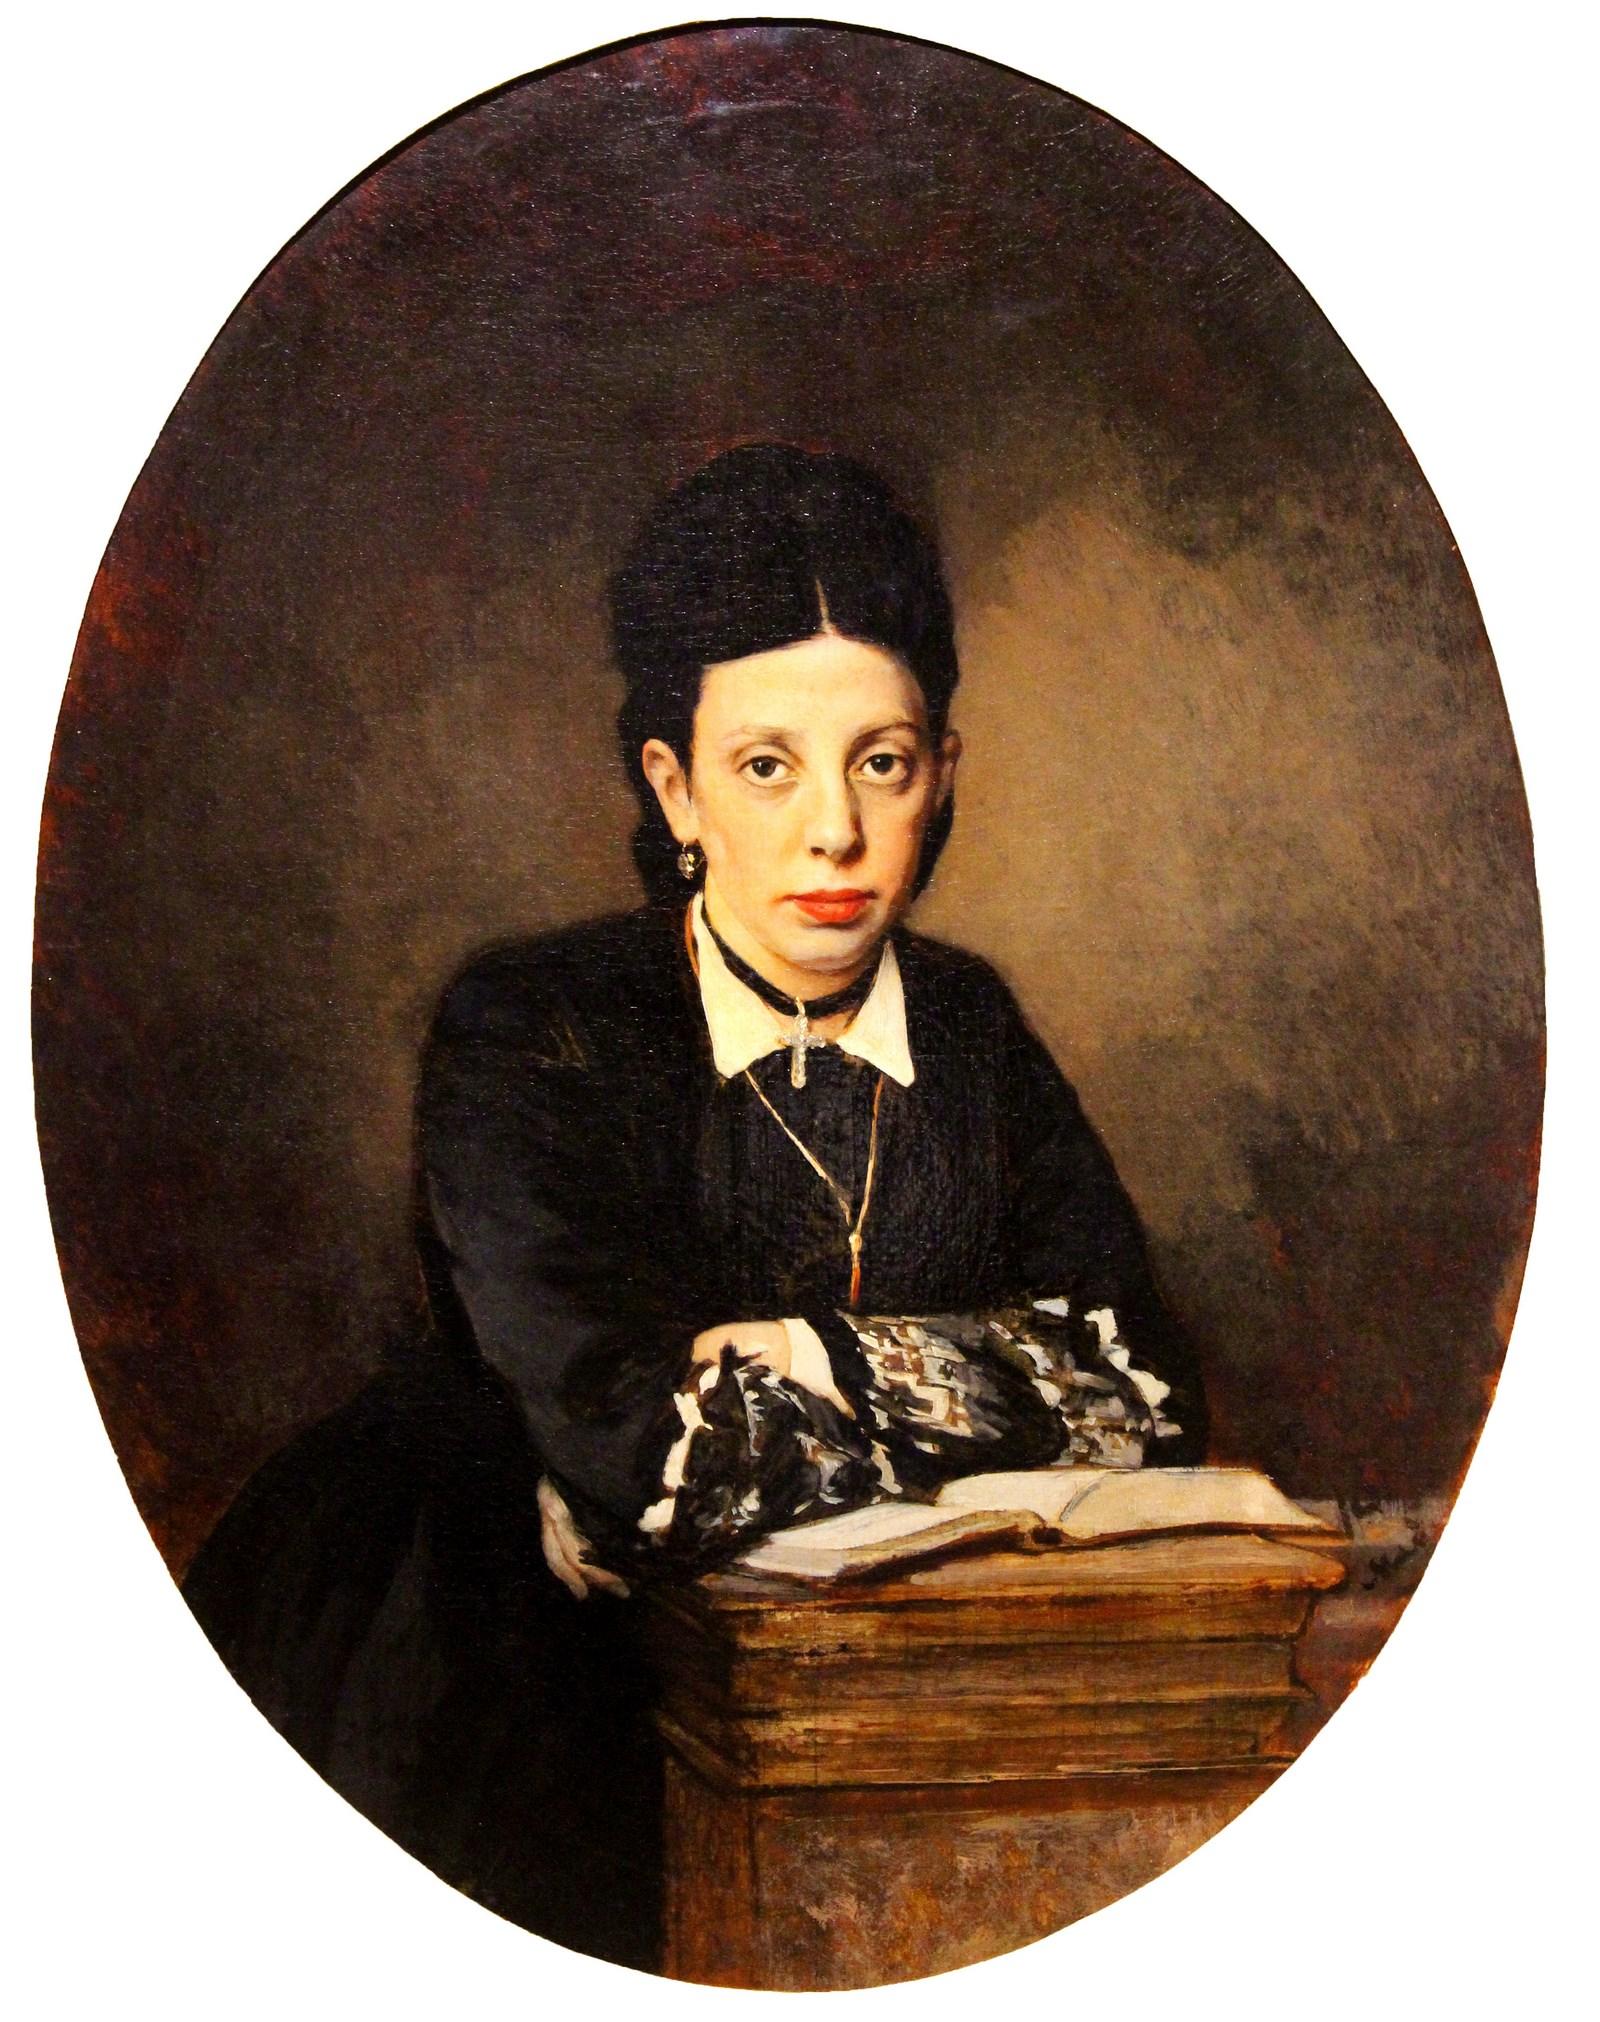 Чистяков П.П. 1832-1919 Женский портрет. 1872 Холст, масло. Национальный художественный музей Республики Беларусь